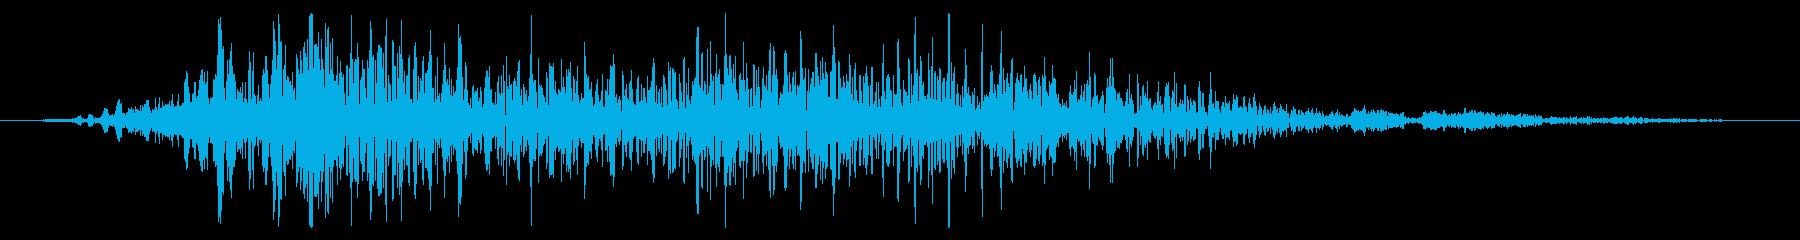 フライング ドラゴン キャラタップ 怒りの再生済みの波形